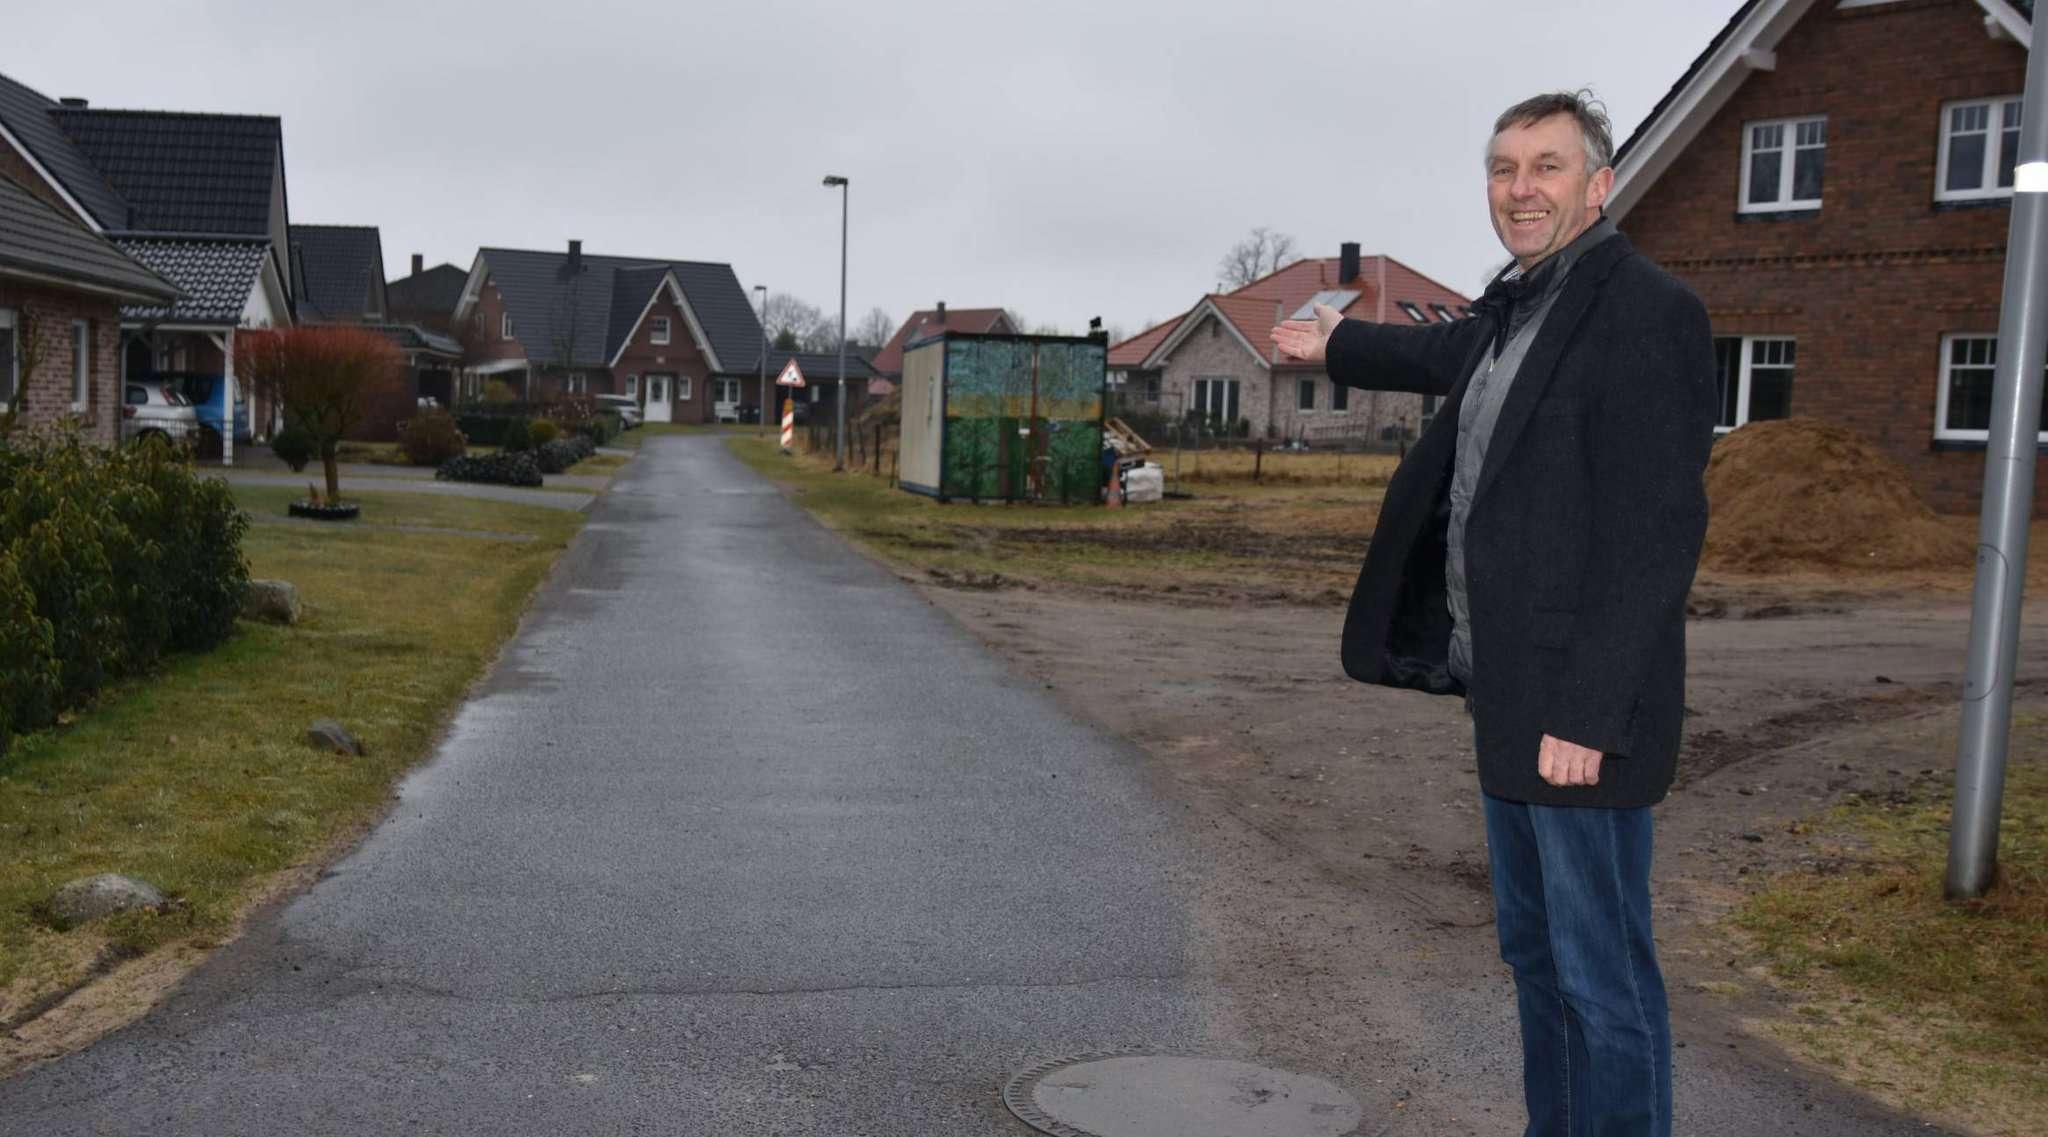 Bürgermeister Bernd Petersen freut sich, dass der Straßenausbau in Angriff genommen werden kann. Foto: Heidrun Meyer